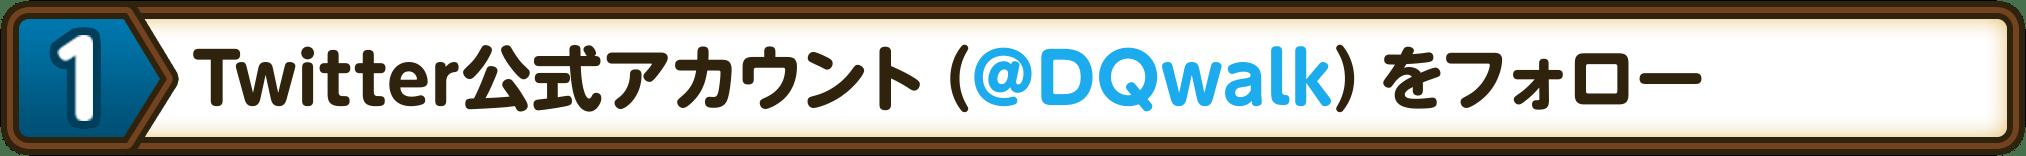 1.Twitter公式アカウント(@DQwalk)をフォロー